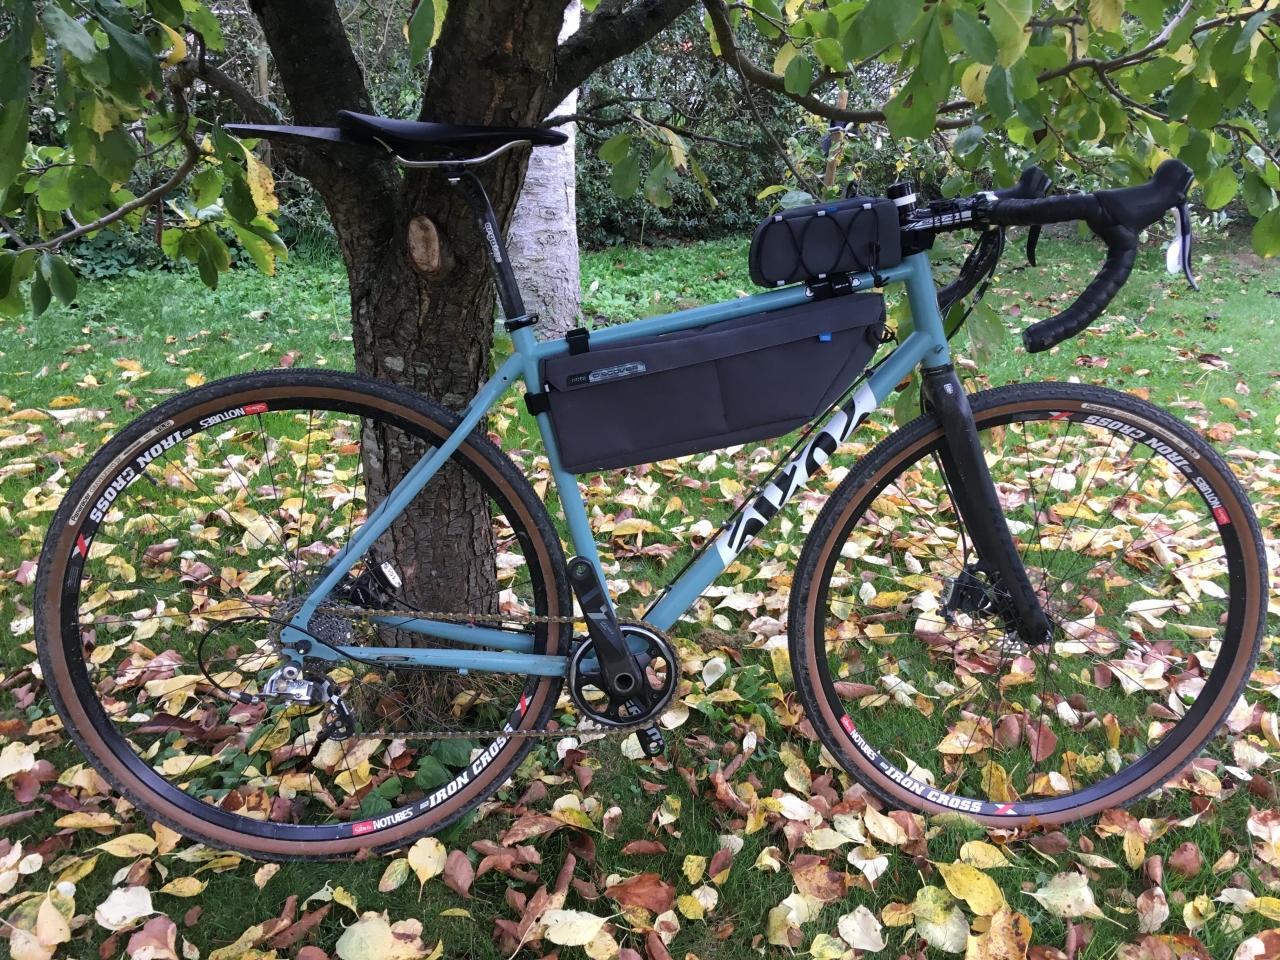 26094e1d1c0 Cotic stållågen monteret med Pro Discover bikepacking tasker. Her vises kun  5,5 liters steltaske og gastank, som er brugt til pendling mellem hjem og  ...